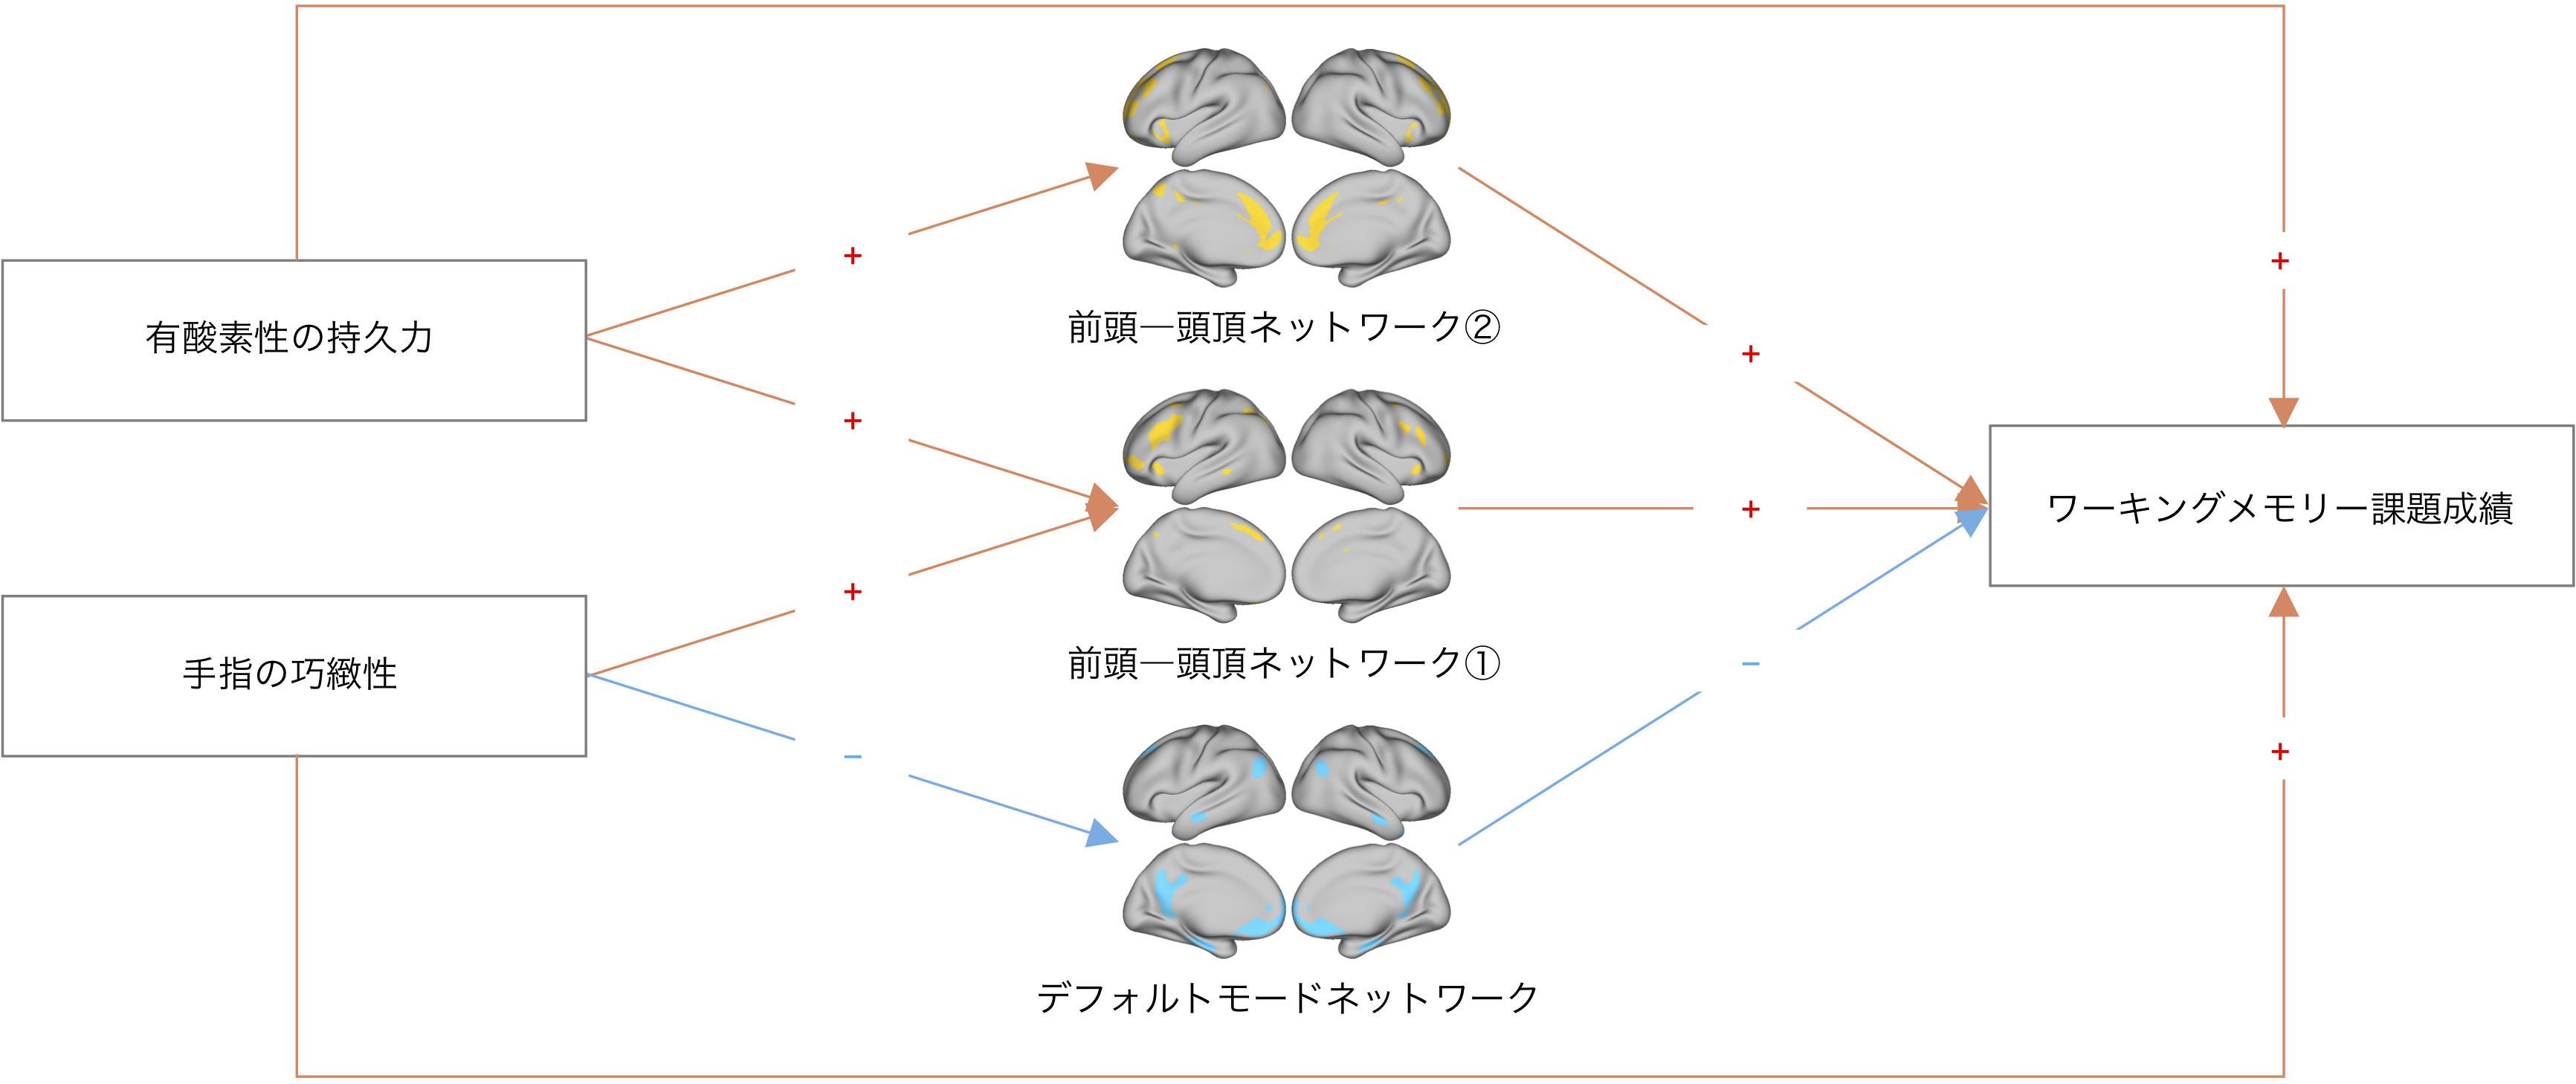 玉川大学脳科学研究所 研究成果「身体機能の高い人が、認知機能を高めている」脳の働きを解明 -- 科学雑誌''NeuroImage''に論文を発表